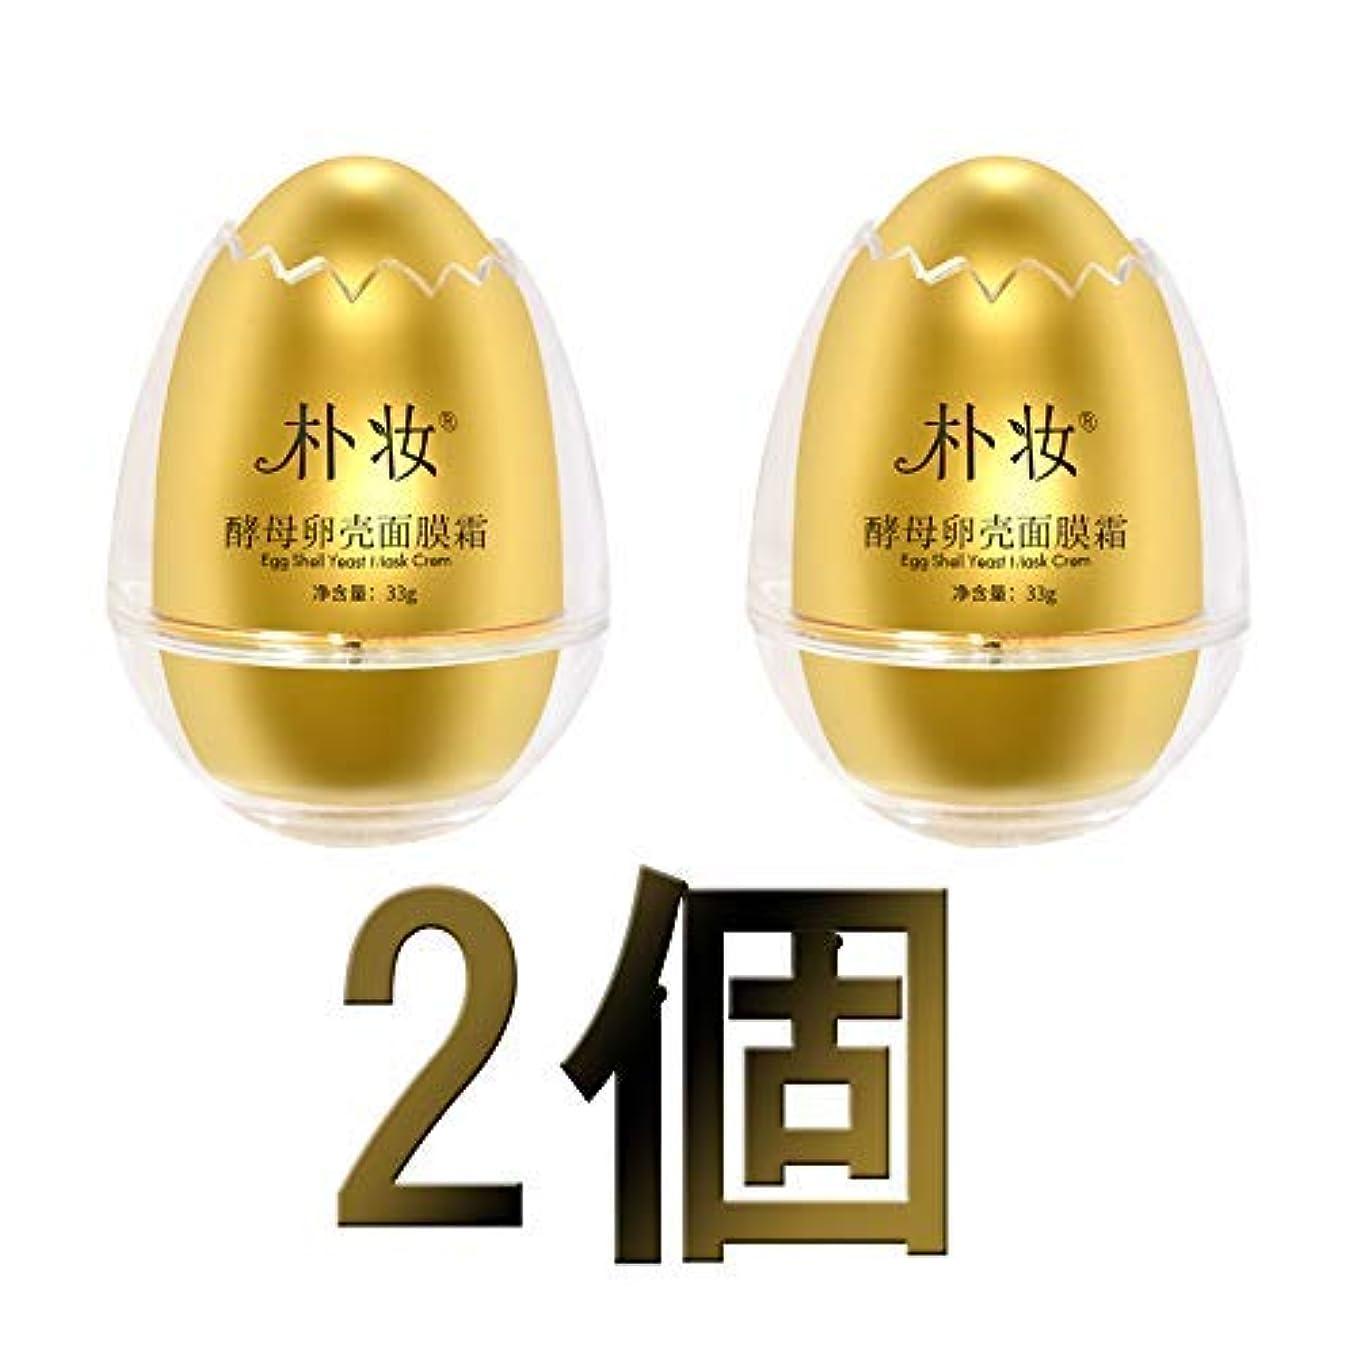 シチリア方向フォーク朴妆たんたんパックx2個 酵母卵殻マスククリーム33g しっとりと た肌,シュリンクポア,しわ耐性,肌を引っ張る、